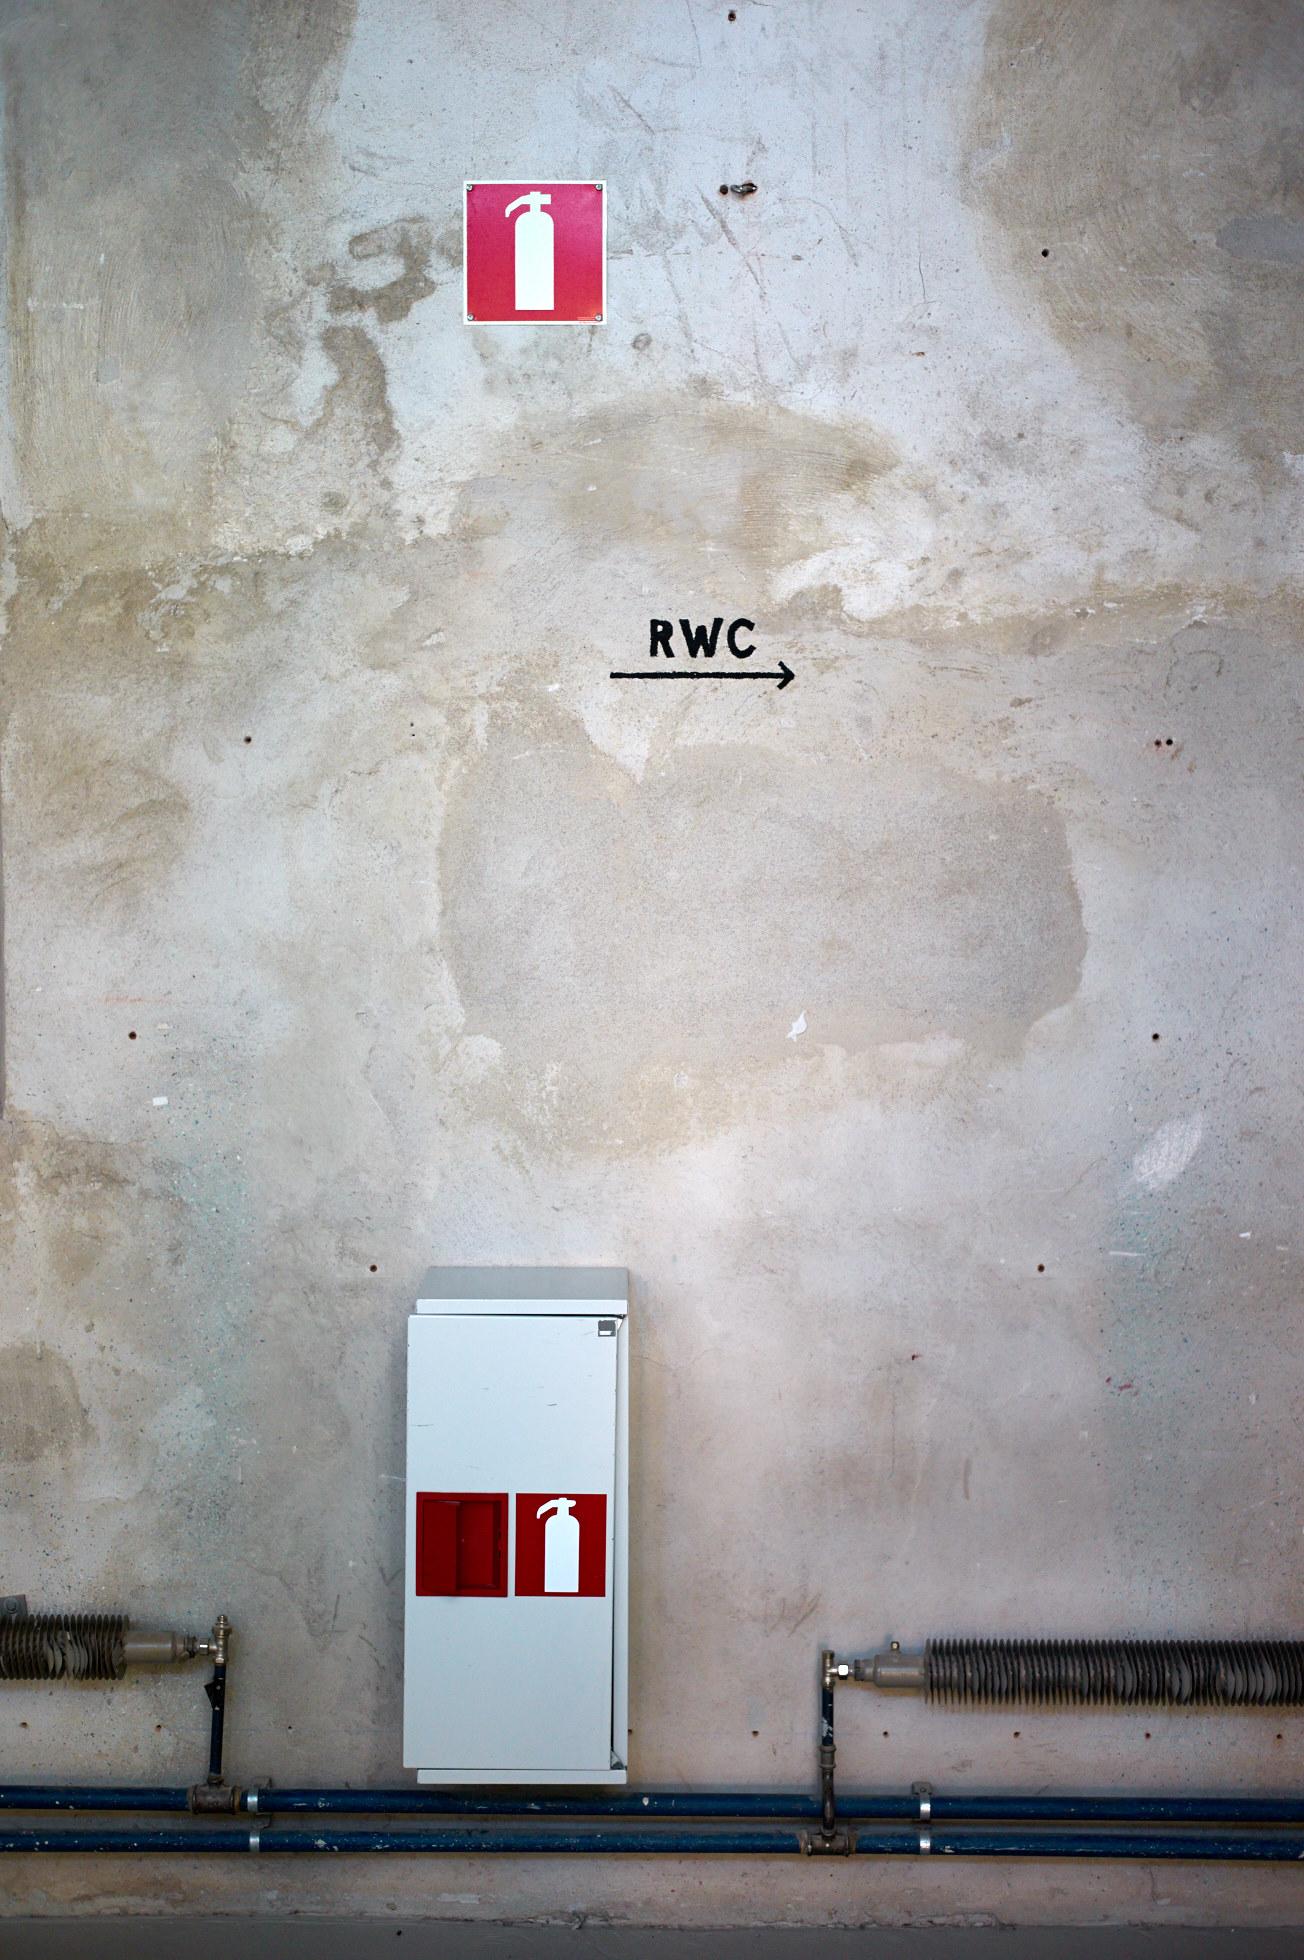 14-08-09_L1006210_konstkurs-och-fargfabriken